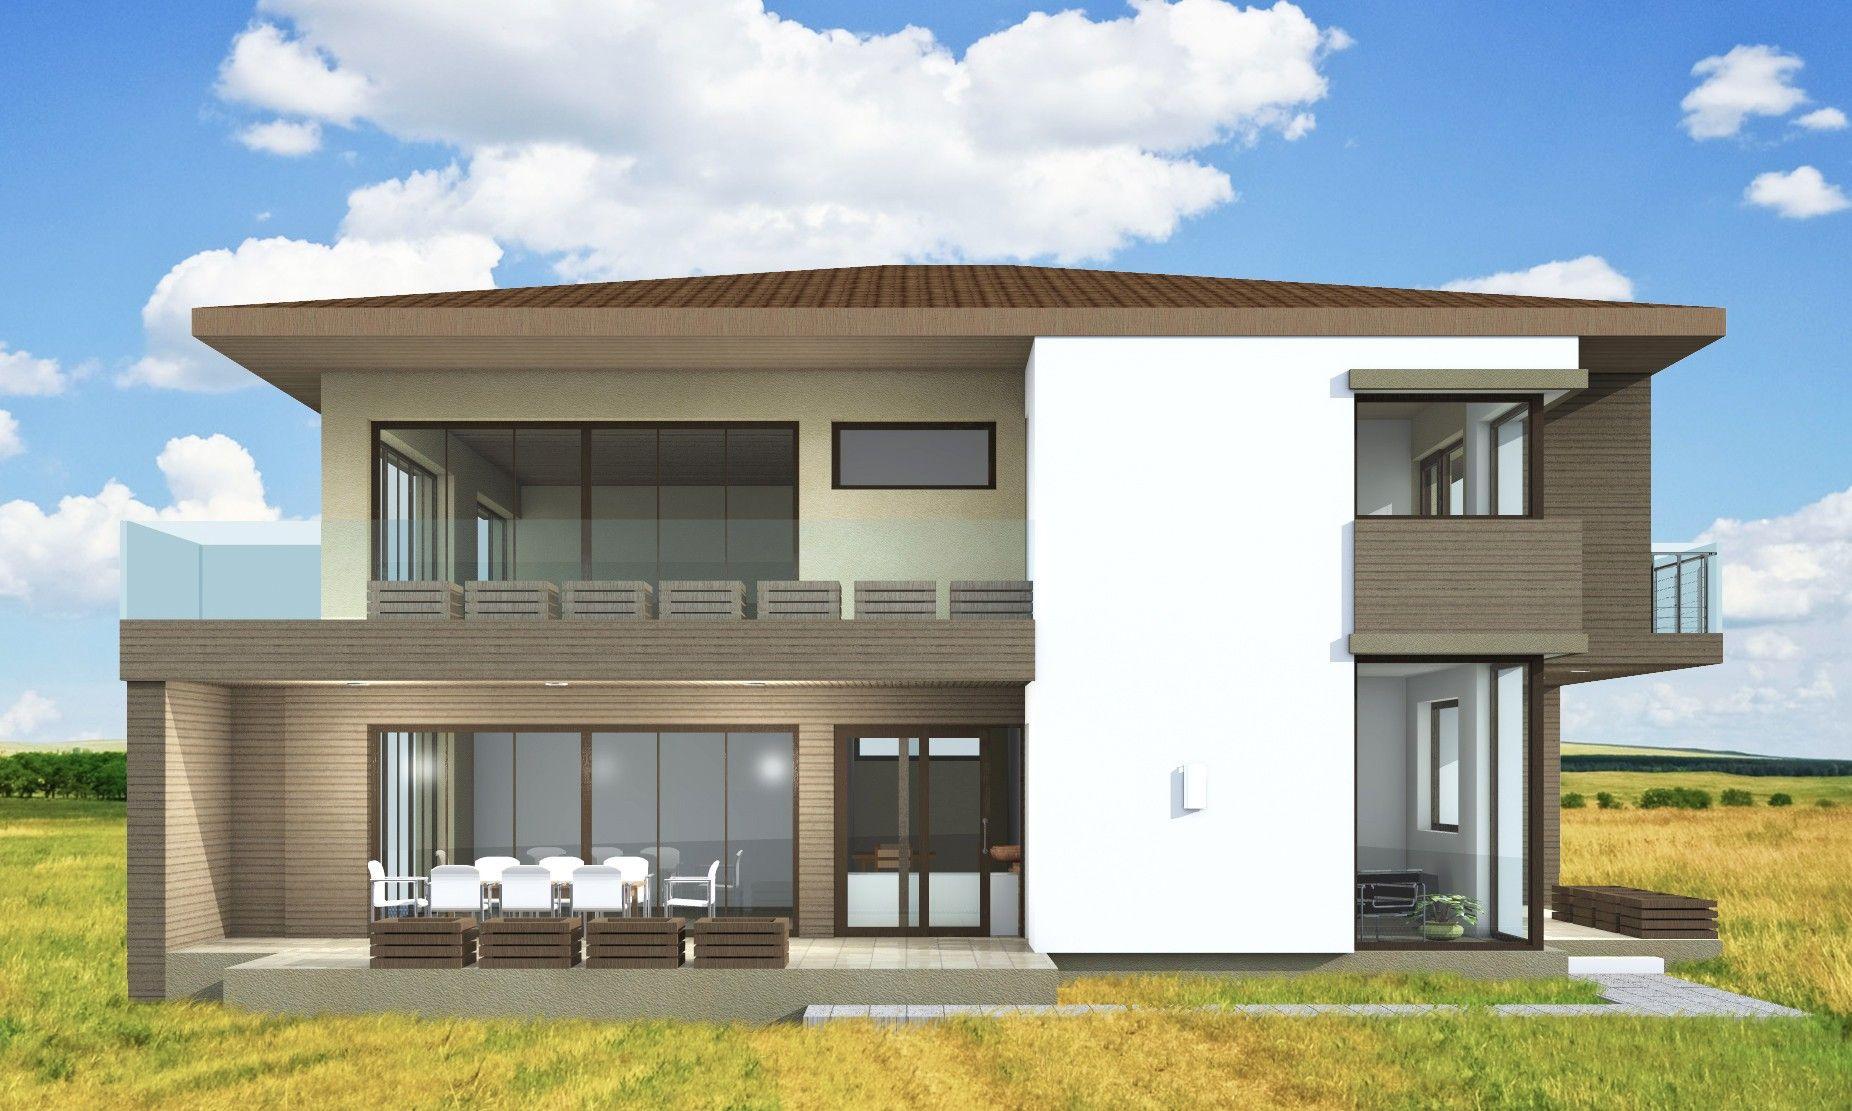 Plan Maison Gratuit Moderne De Duplex Pdf Plans Latest Best Davidreed Co Plans De Maison Duplex Plan De Maison Gratuit Plan Maison Moderne